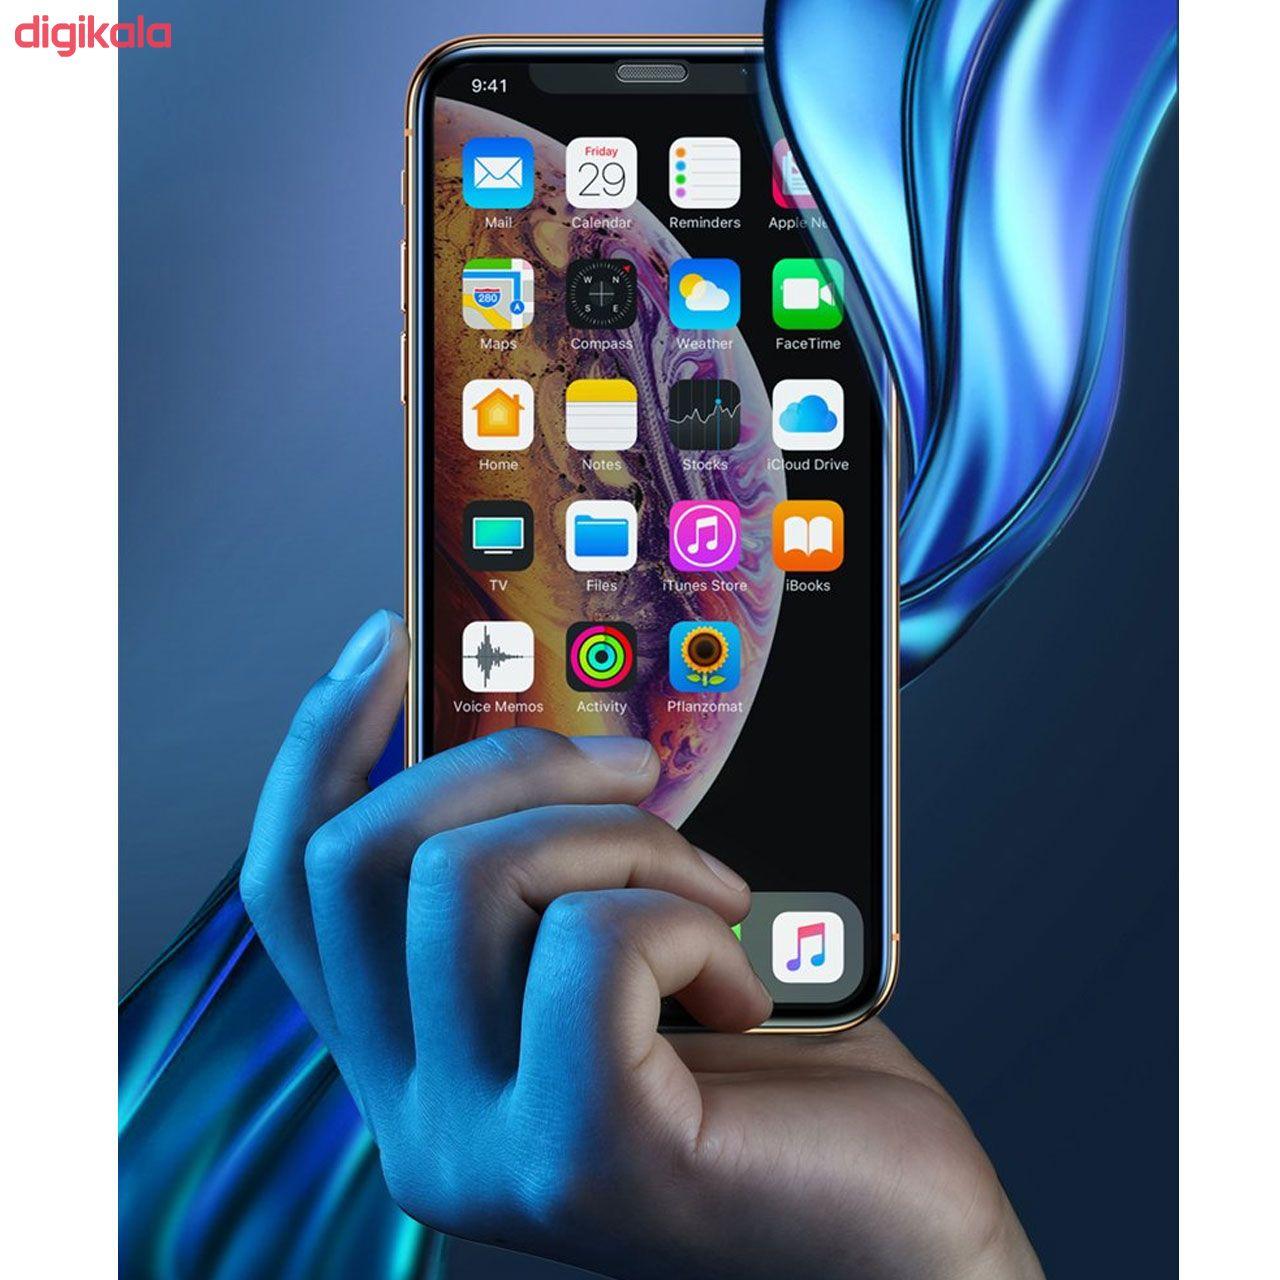 محافظ صفحه نمایش مدل FCG مناسب برای گوشی موبایل اپل iPhone 12 mini بسته دو عددی main 1 11